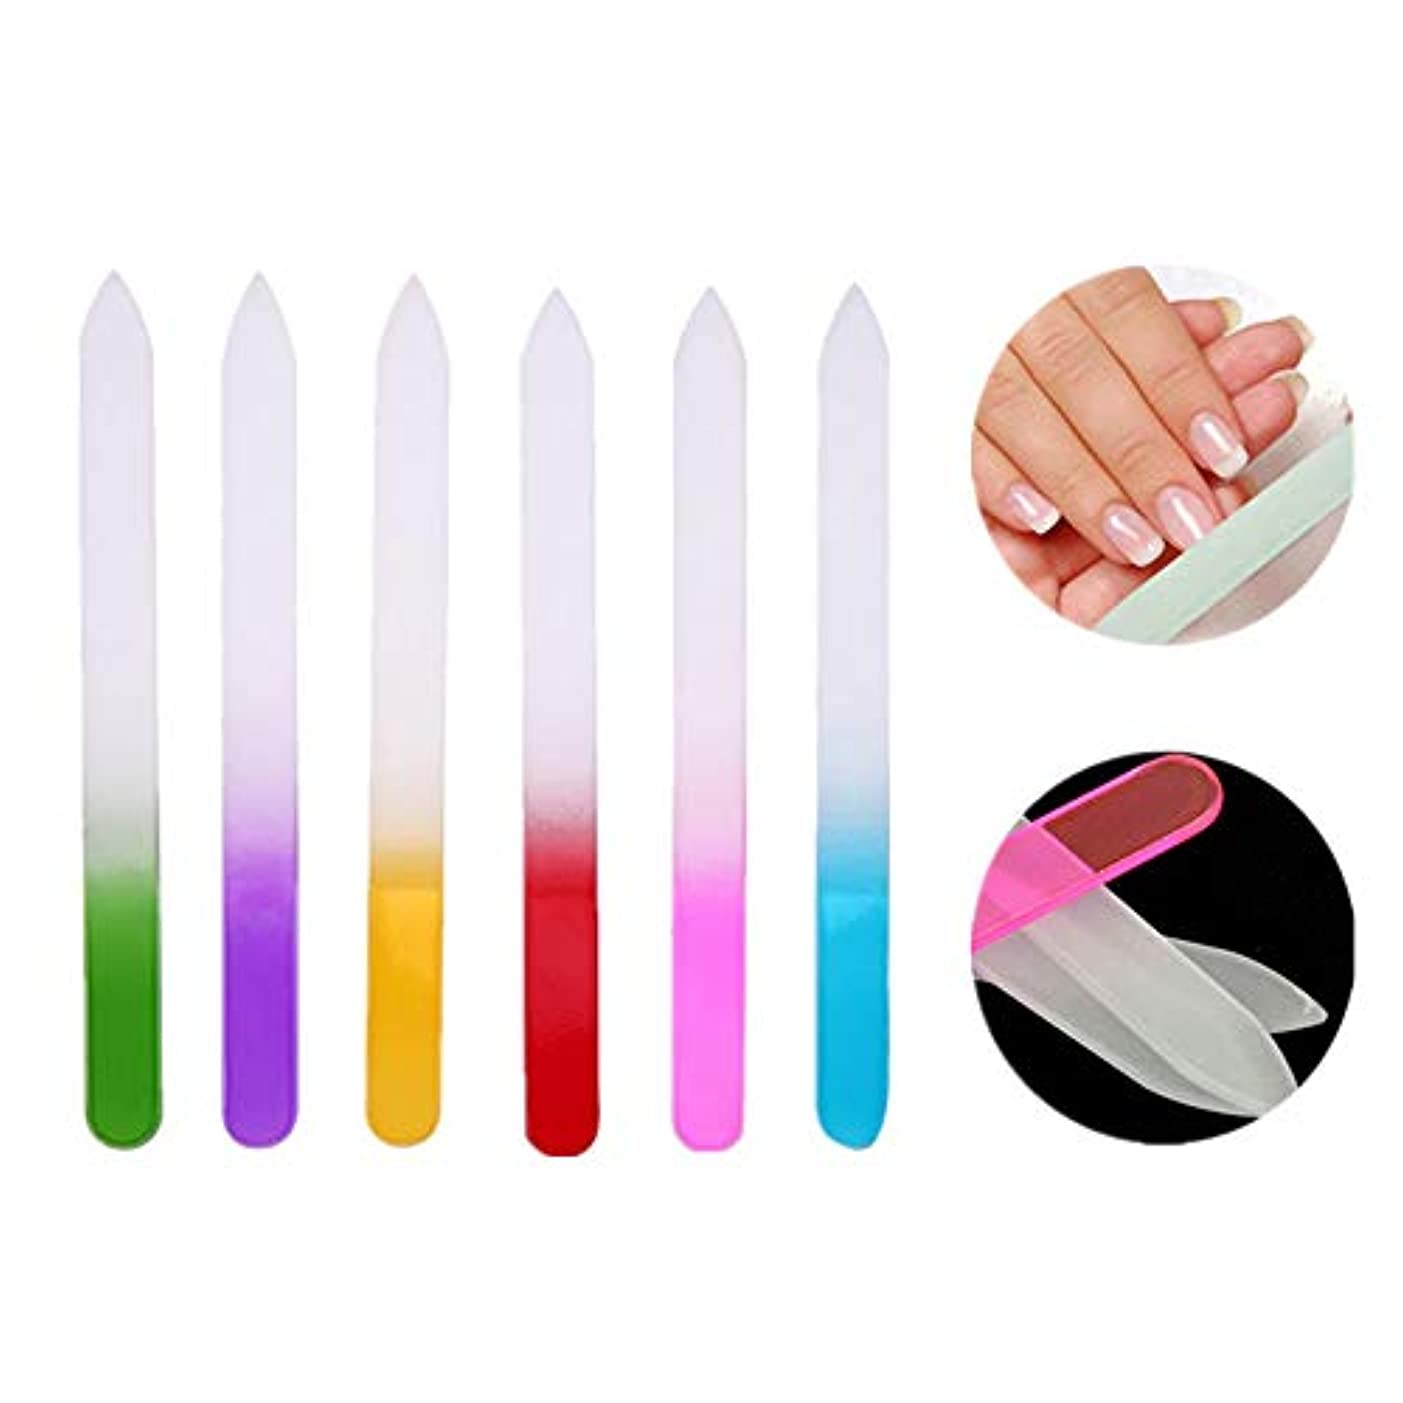 しっとり荷物目立つKingsie ガラス製 爪やすり 6個セット 14cm 両面タイプ 爪やすり 水洗い可 携帯用 ネイルケア